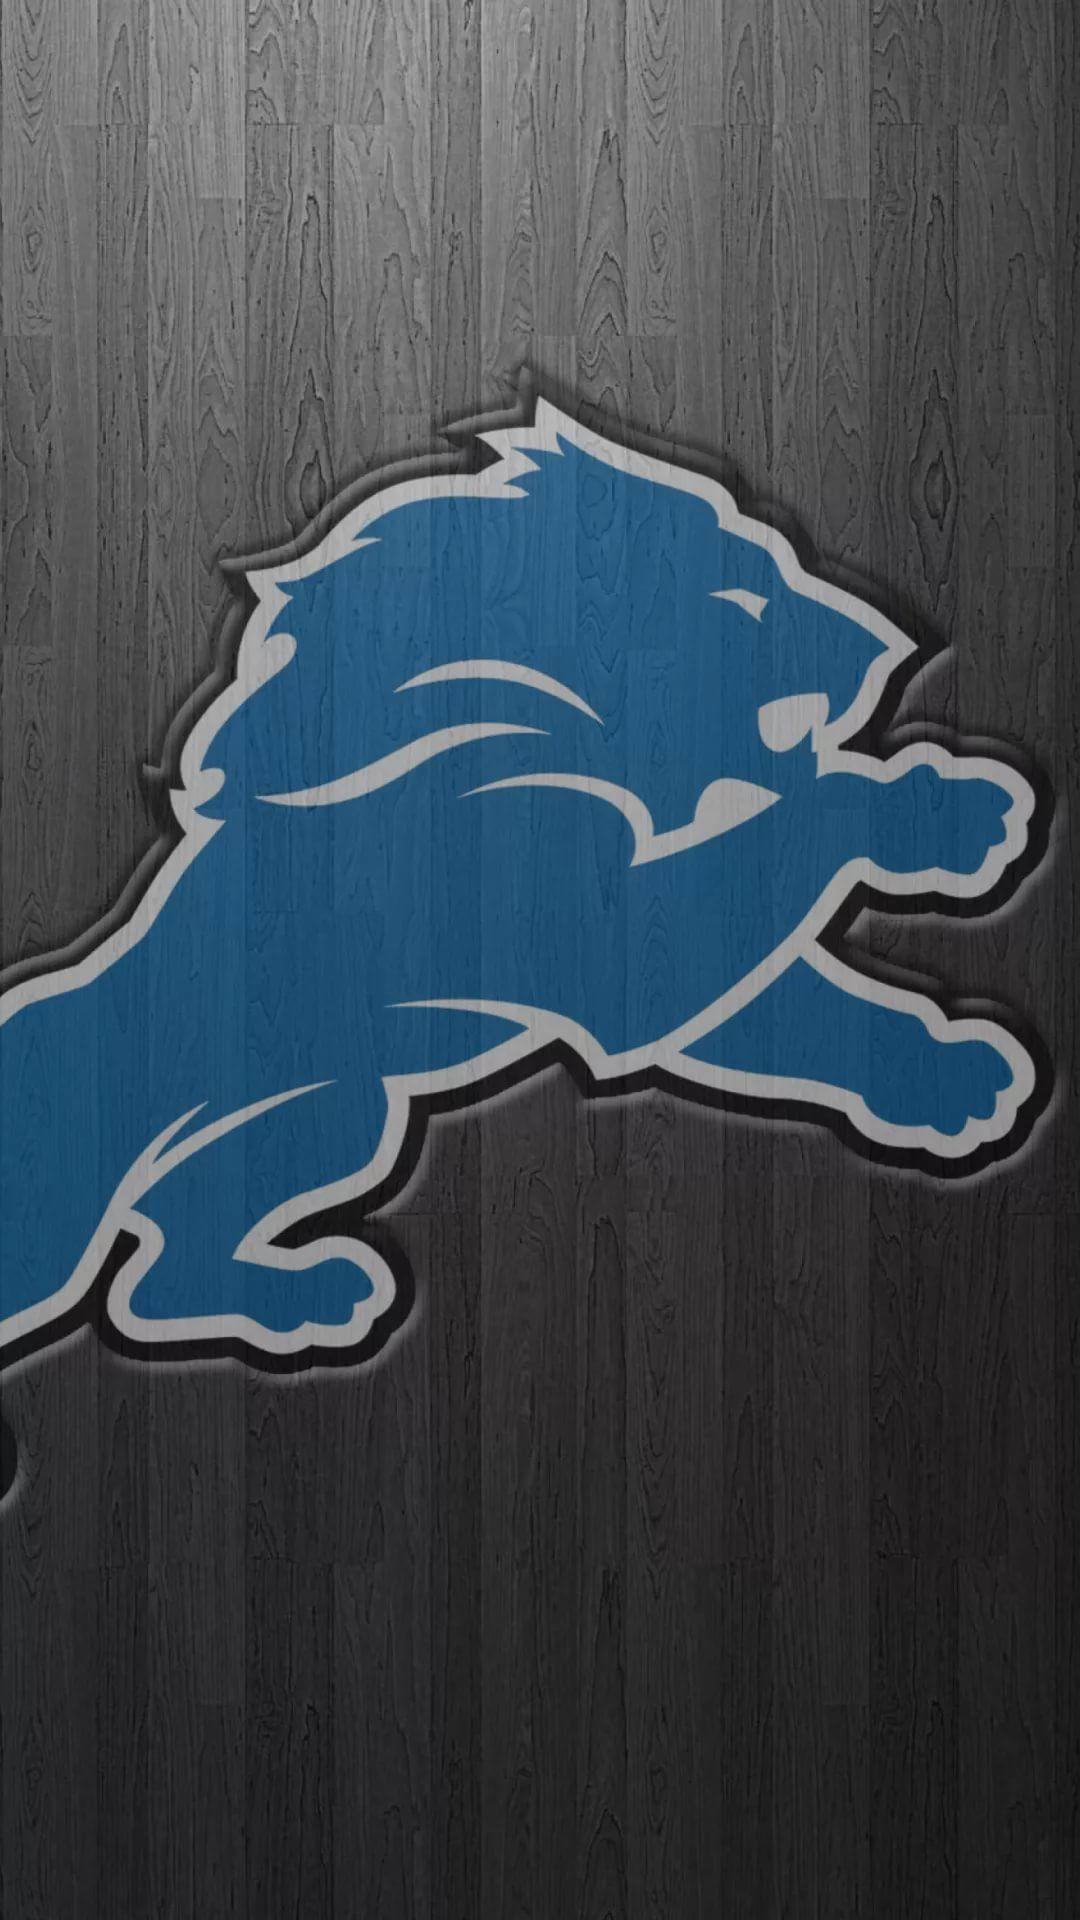 Detroit Lions iPhone 6 wallpaper